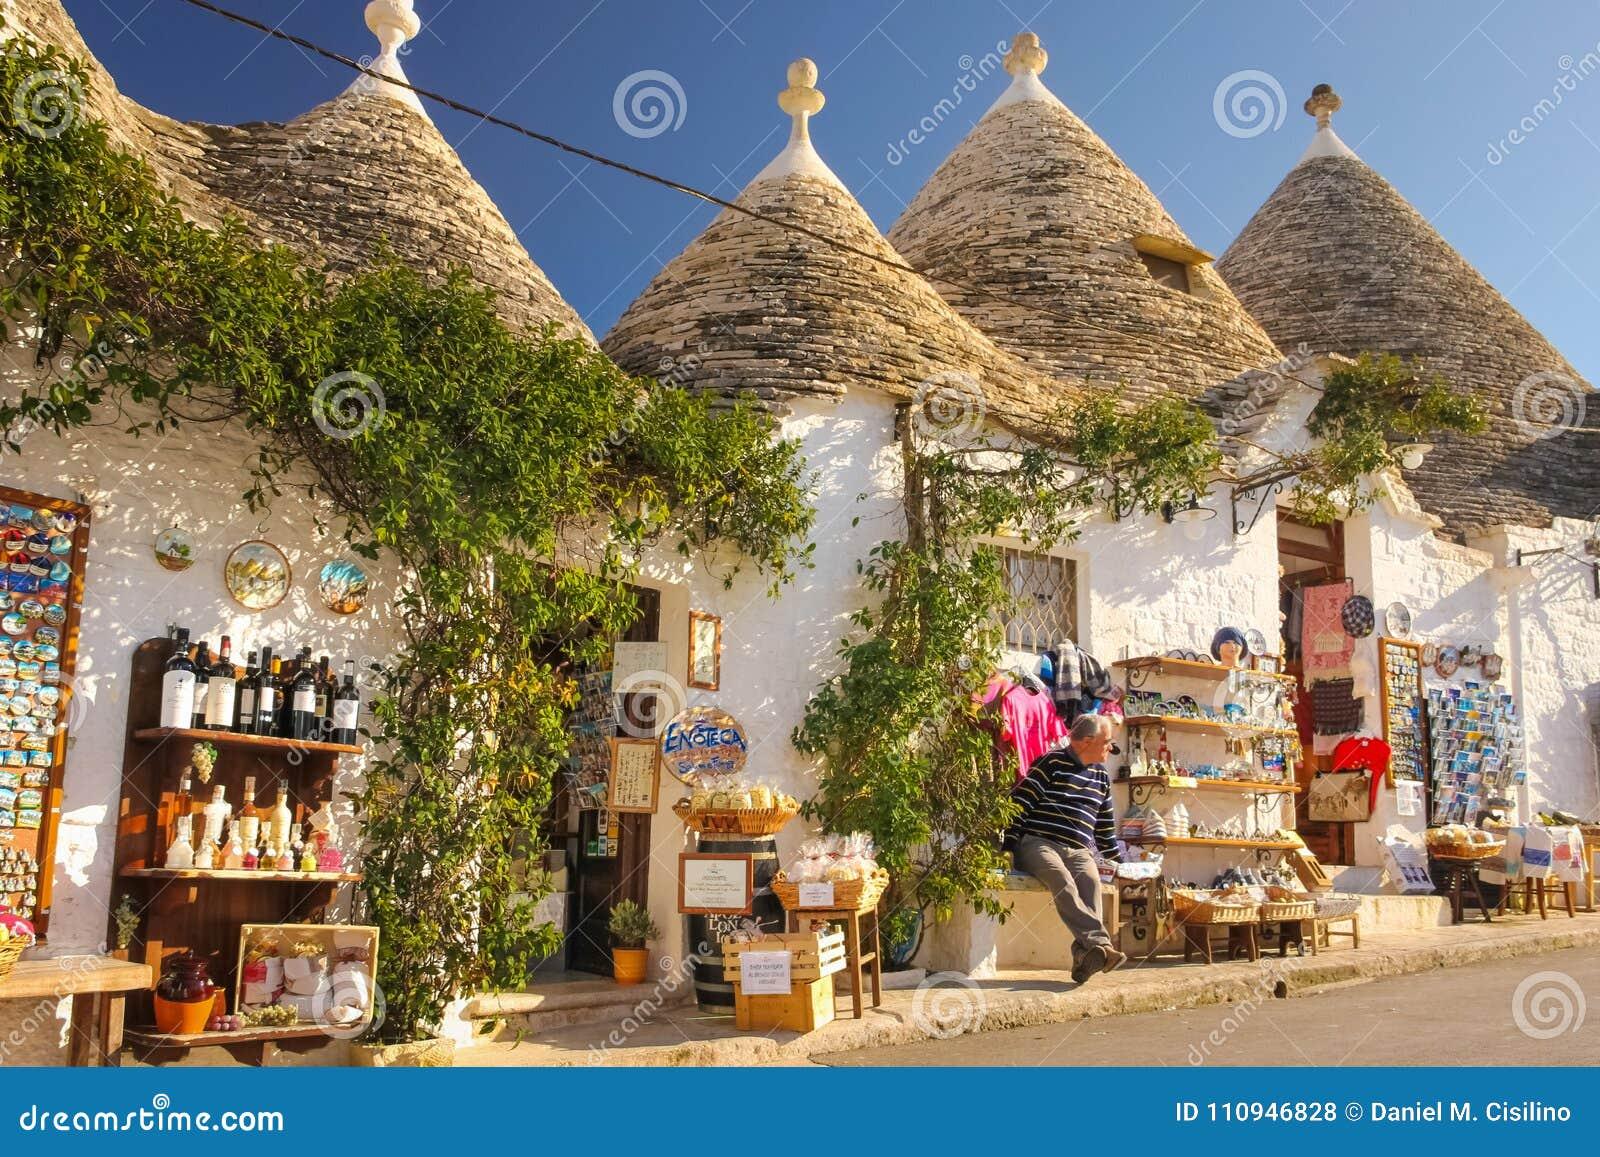 Traditional Trulli. Alberobello. Apulia. Italy